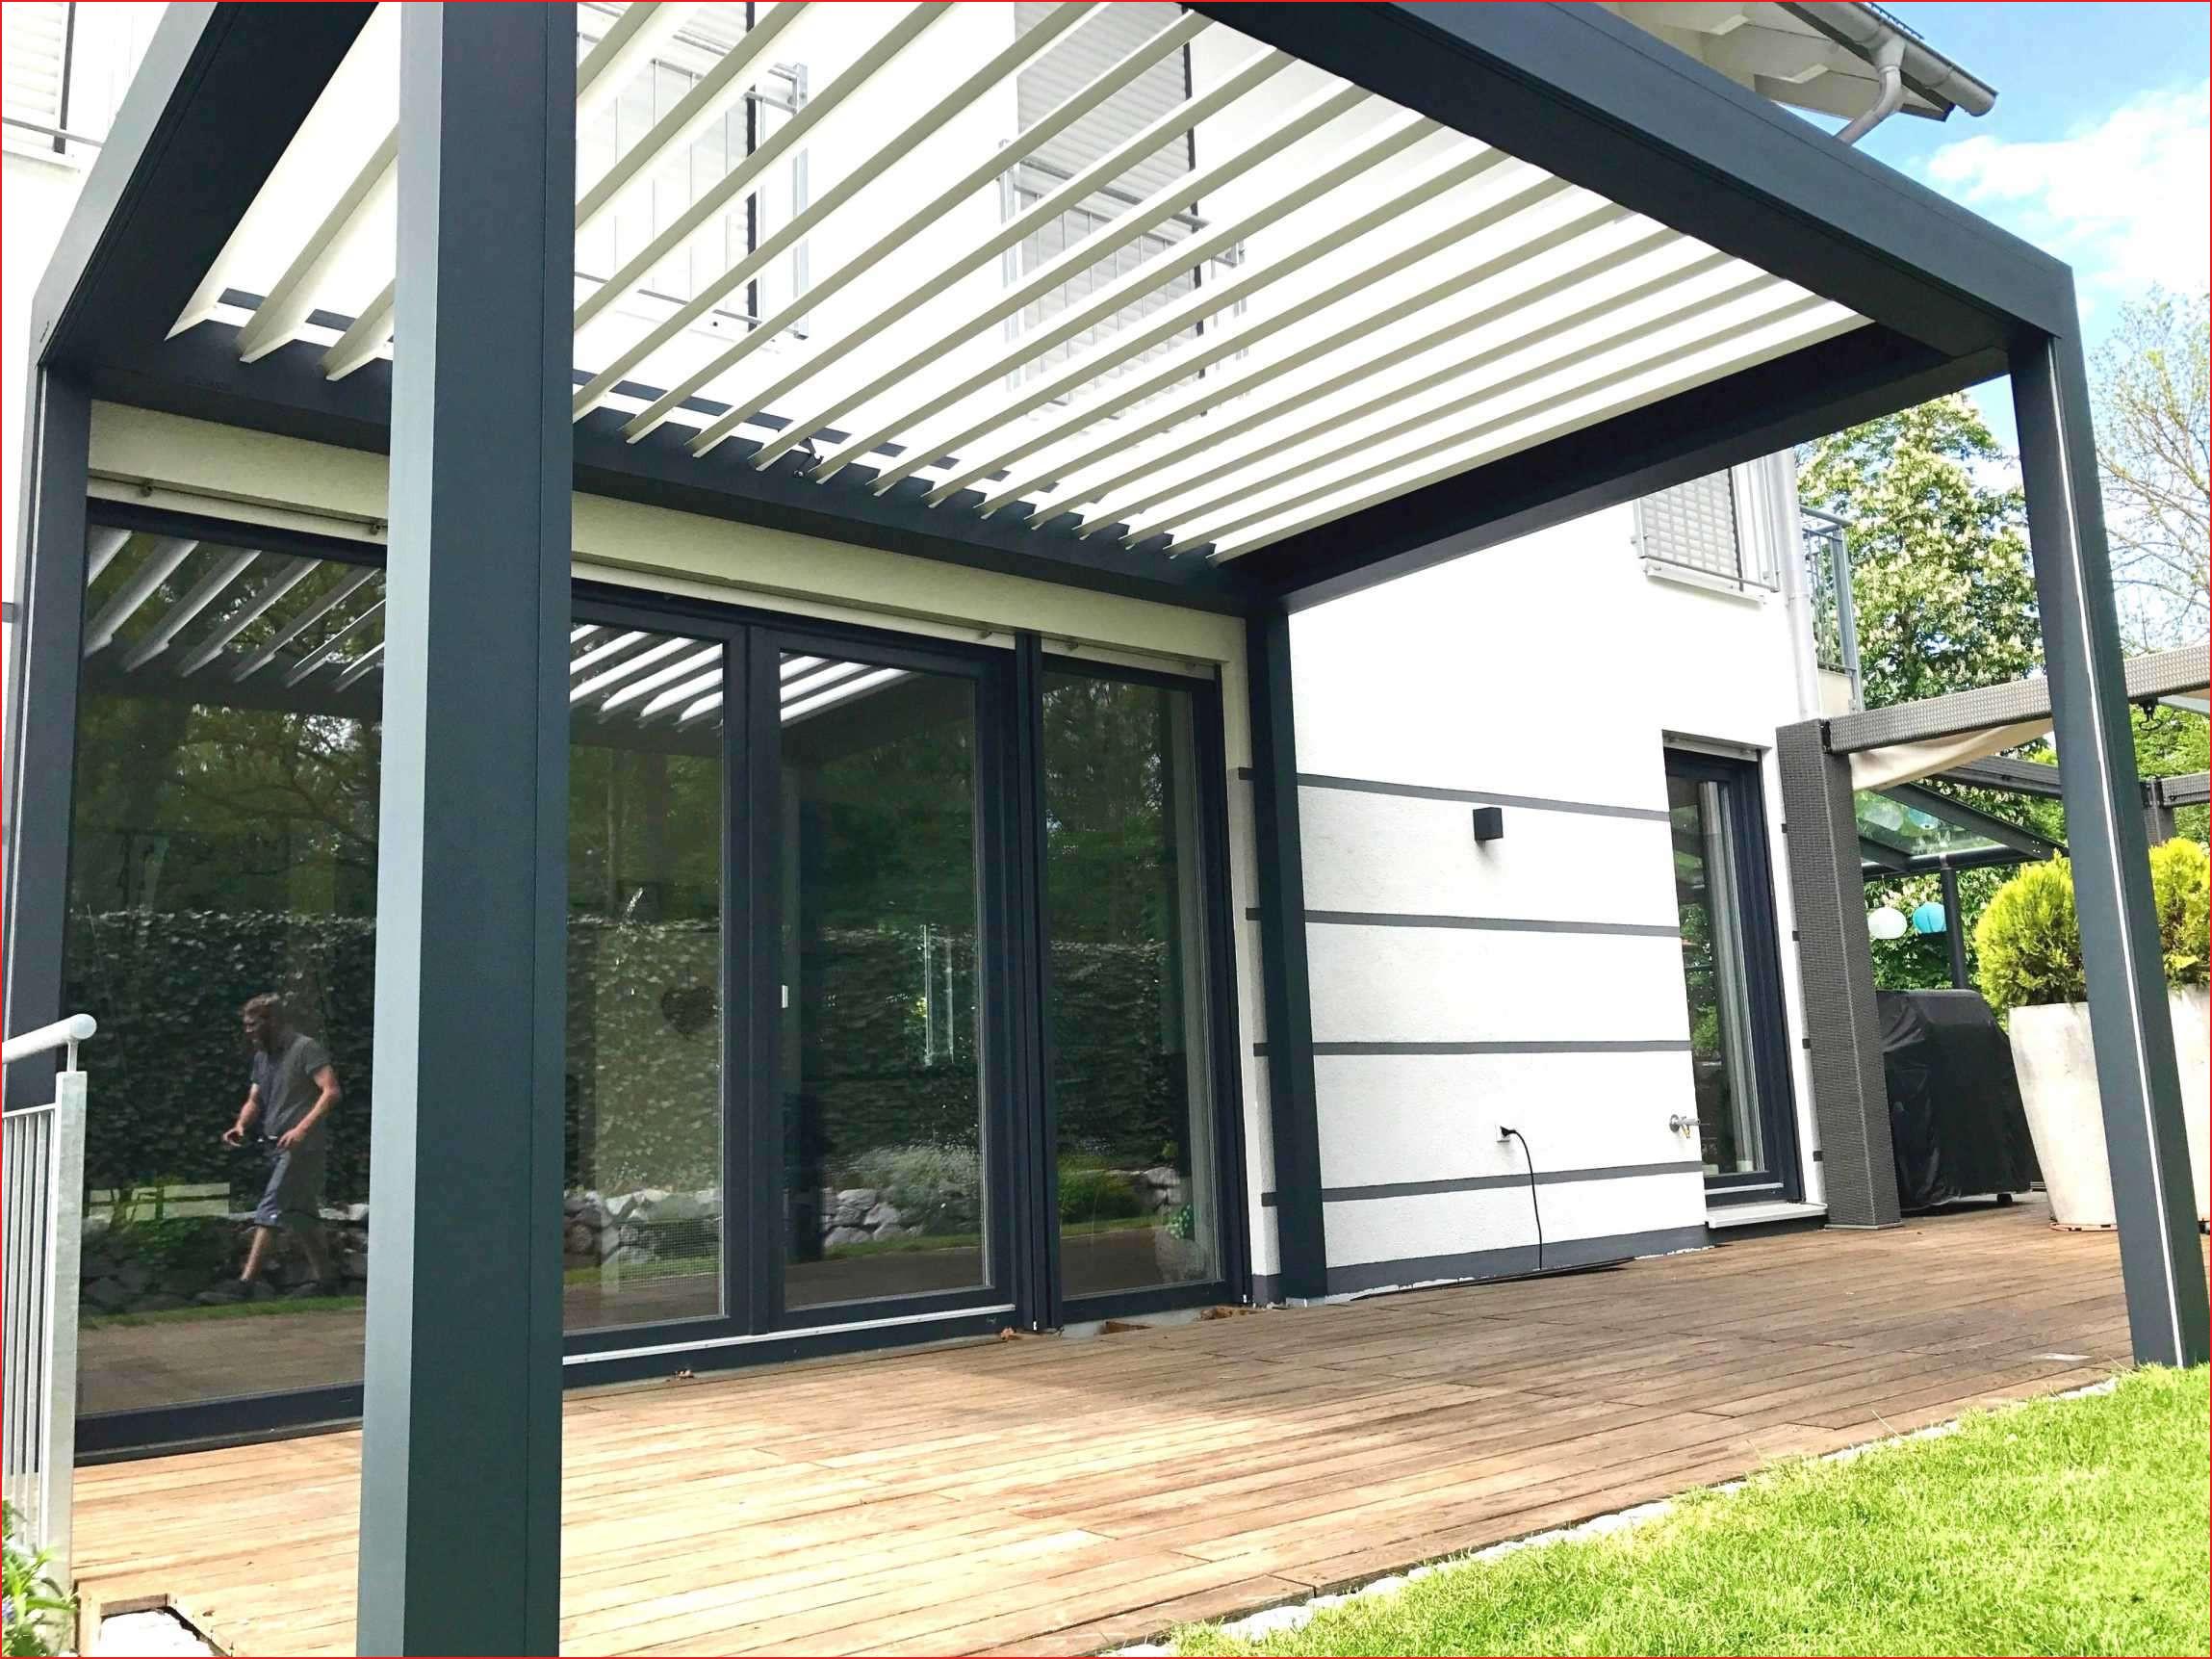 veranda nord 36 neu pflanzen im teich bilder komplette ideen privatsph re of veranda nord